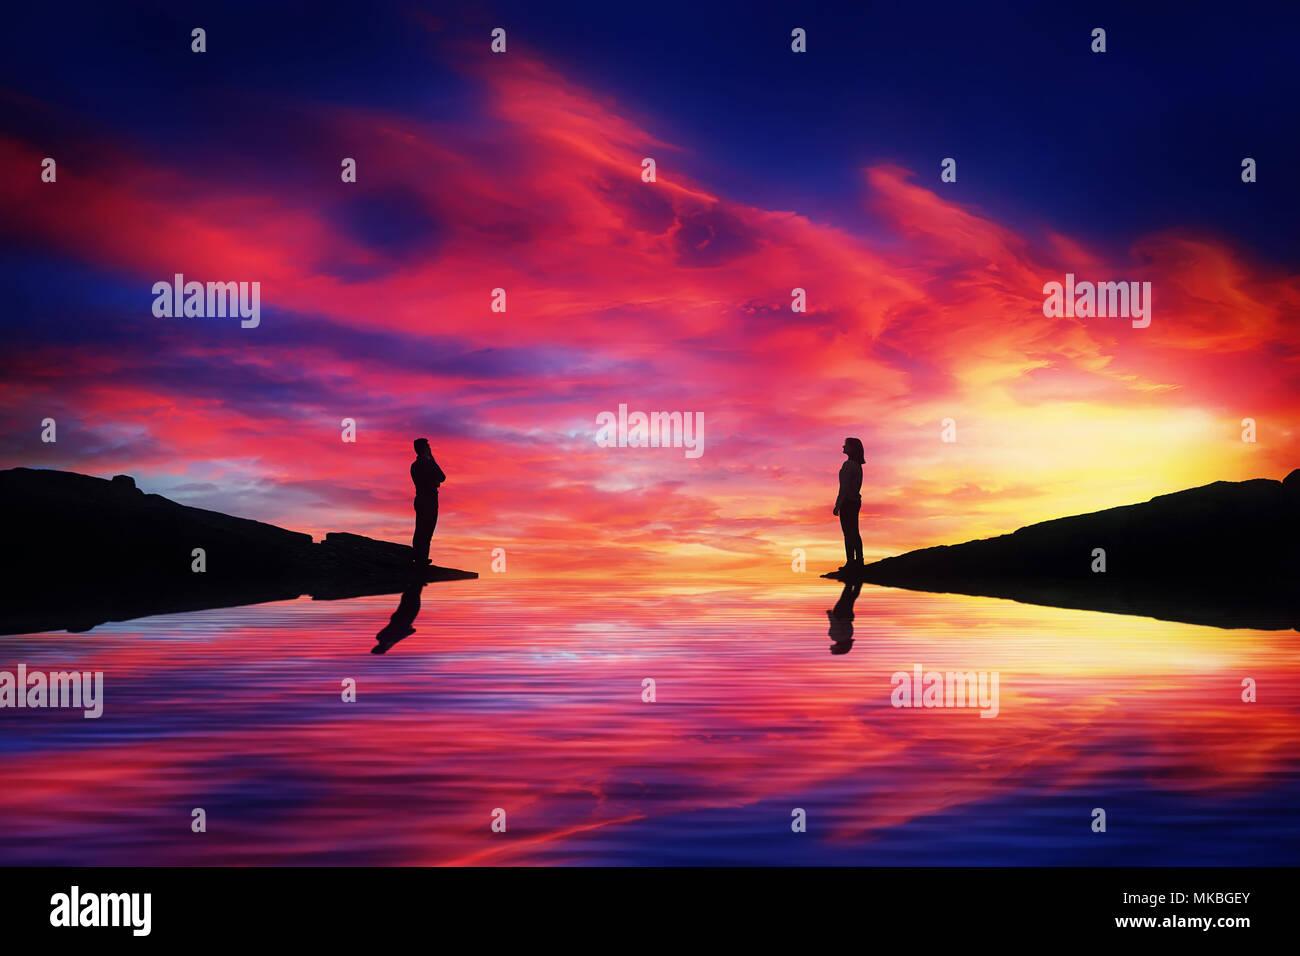 Un garçon et une fille se tenir sur les côtés opposés d'une rivière pense comment rejoindre l'autre sur fond d'un beau coucher du soleil. La construction d'un pont imaginaire. L Photo Stock